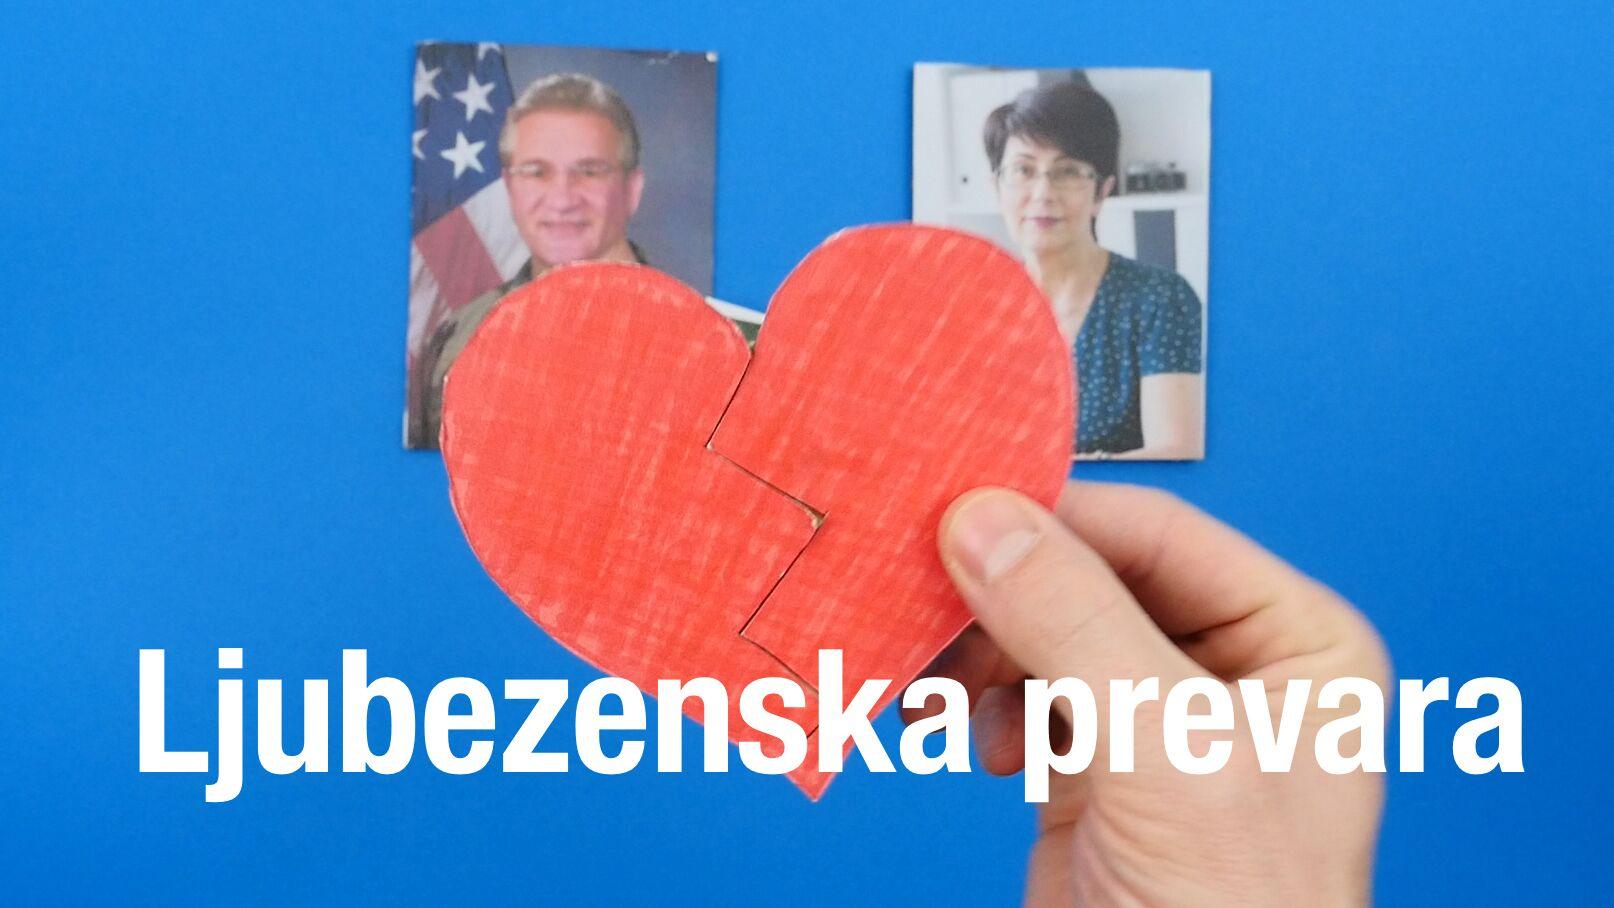 Naslovna slika videa, na kateri sta fotografiji moškega in ženske ter izrez zlomljenega srca